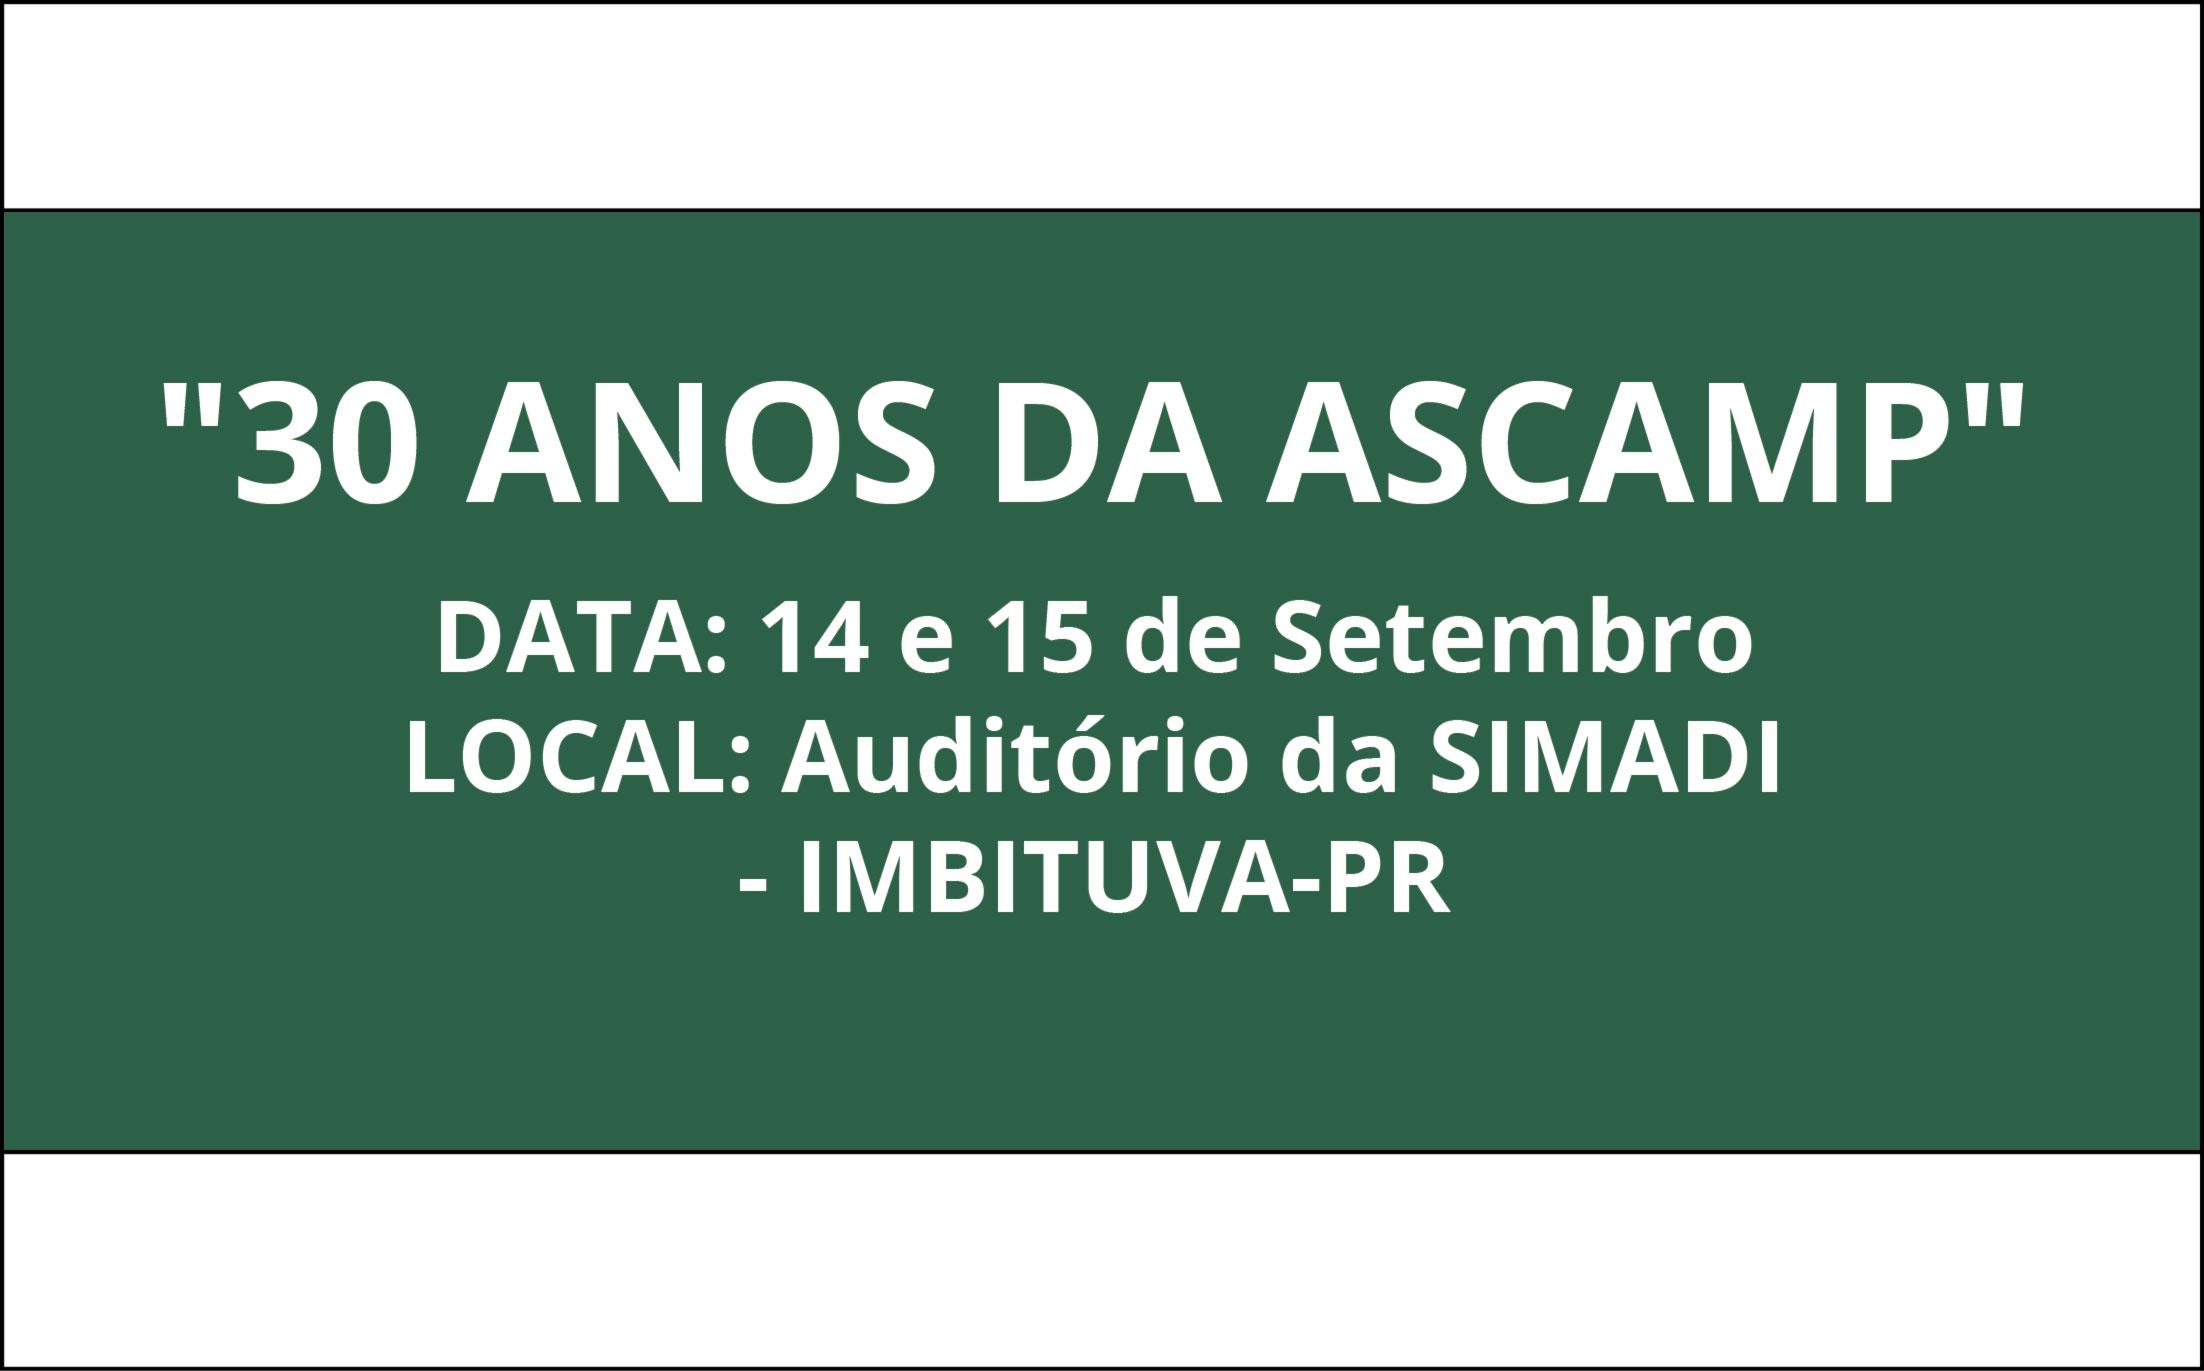 Evento Ascamp